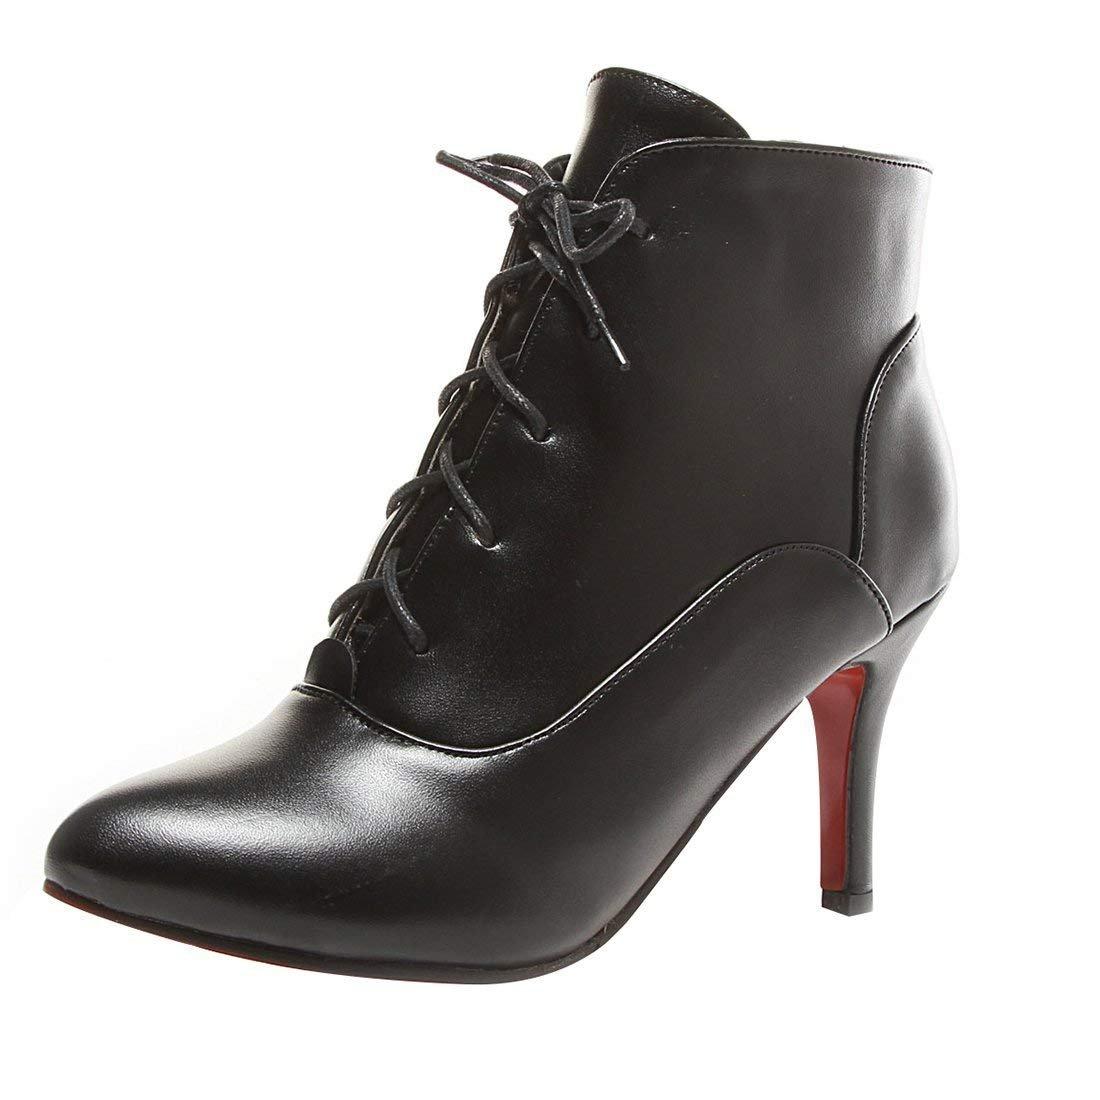 YE Ankle Boots Bottine Bout Botte Courte Femme 19526 B079TQ9YK7 Bout Pointu Lacet Talon Haut Aiguille Chaussure Hiver Noir 0c20852 - latesttechnology.space